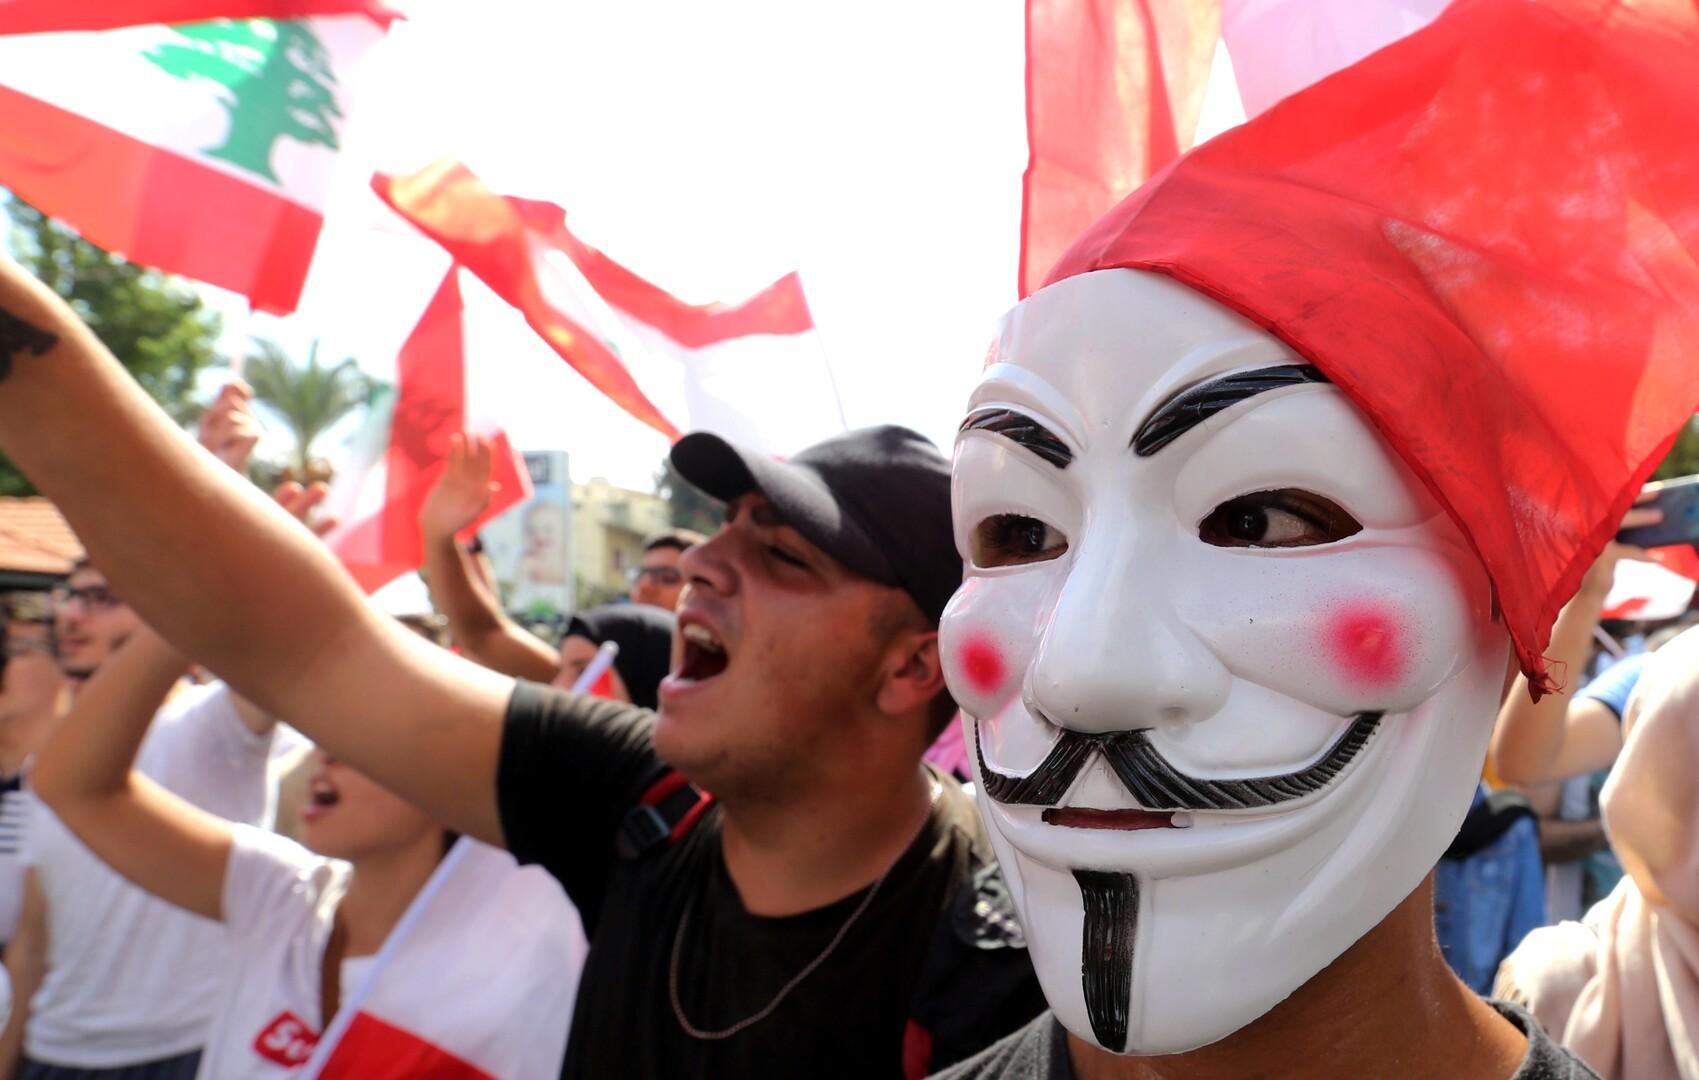 سندات الحكومة اللبنانية تهوي مع اتساع الاحتجاجات